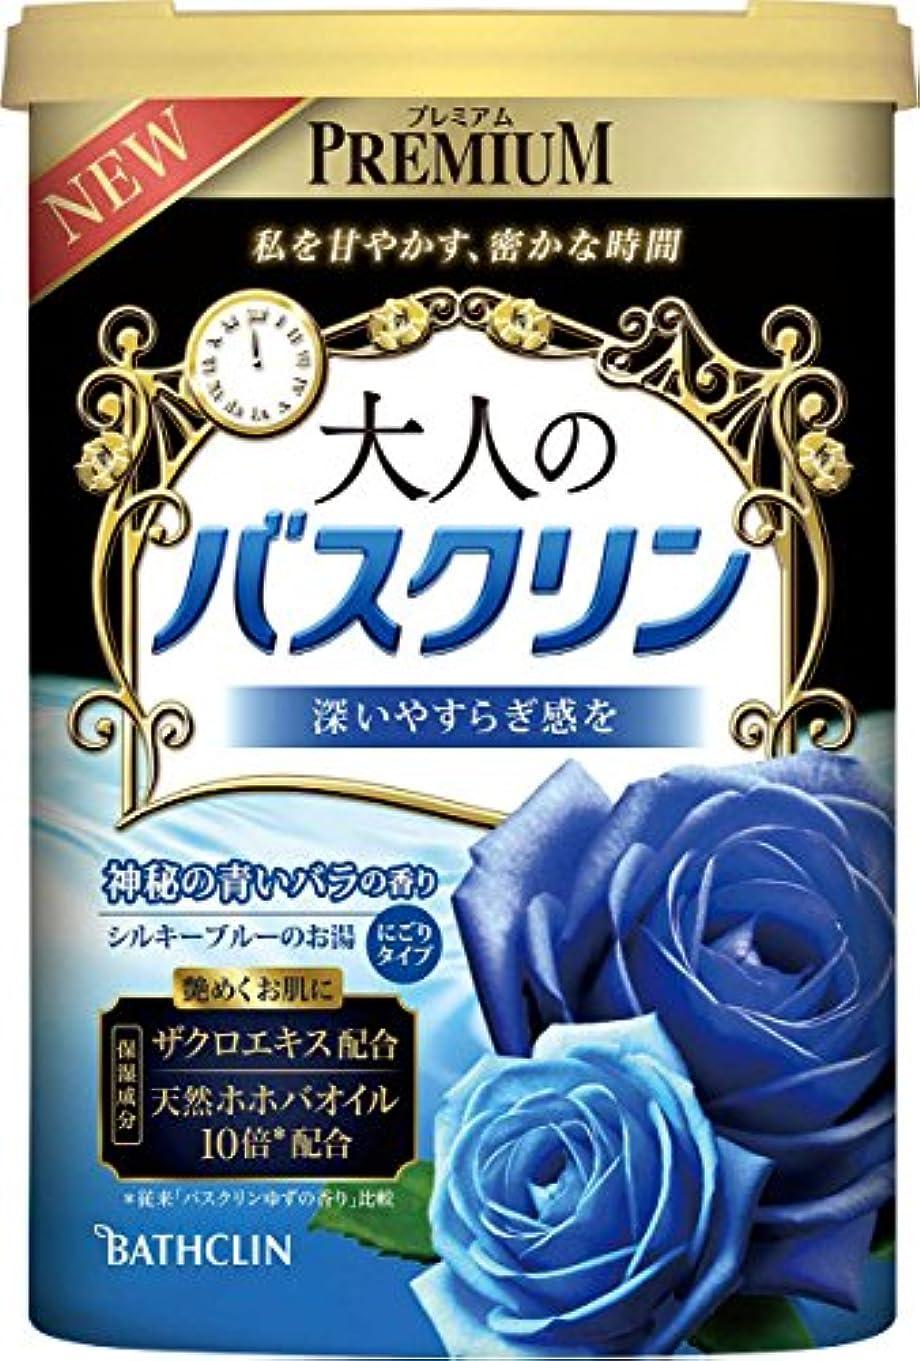 投獄コンパイルコスチューム大人のバスクリン 神秘の青いバラの香り 600g入浴剤